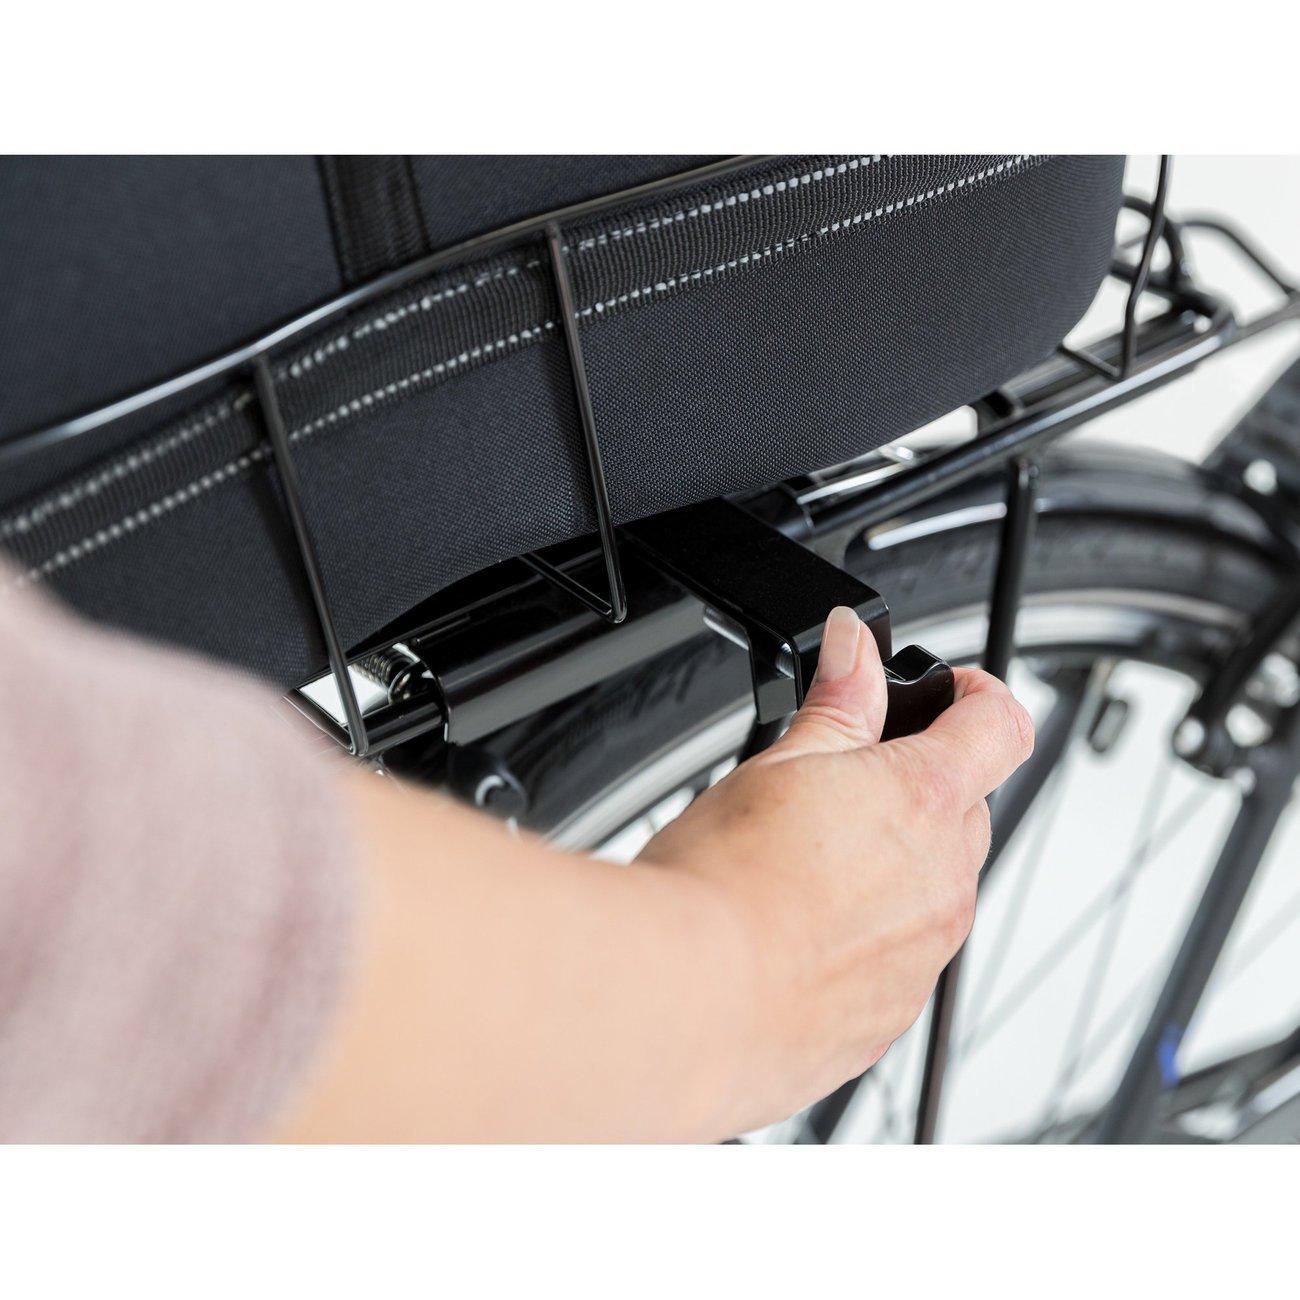 TRIXIE Hunde Fahrradkorb Long für breite Gepäckträger 13110, Bild 22